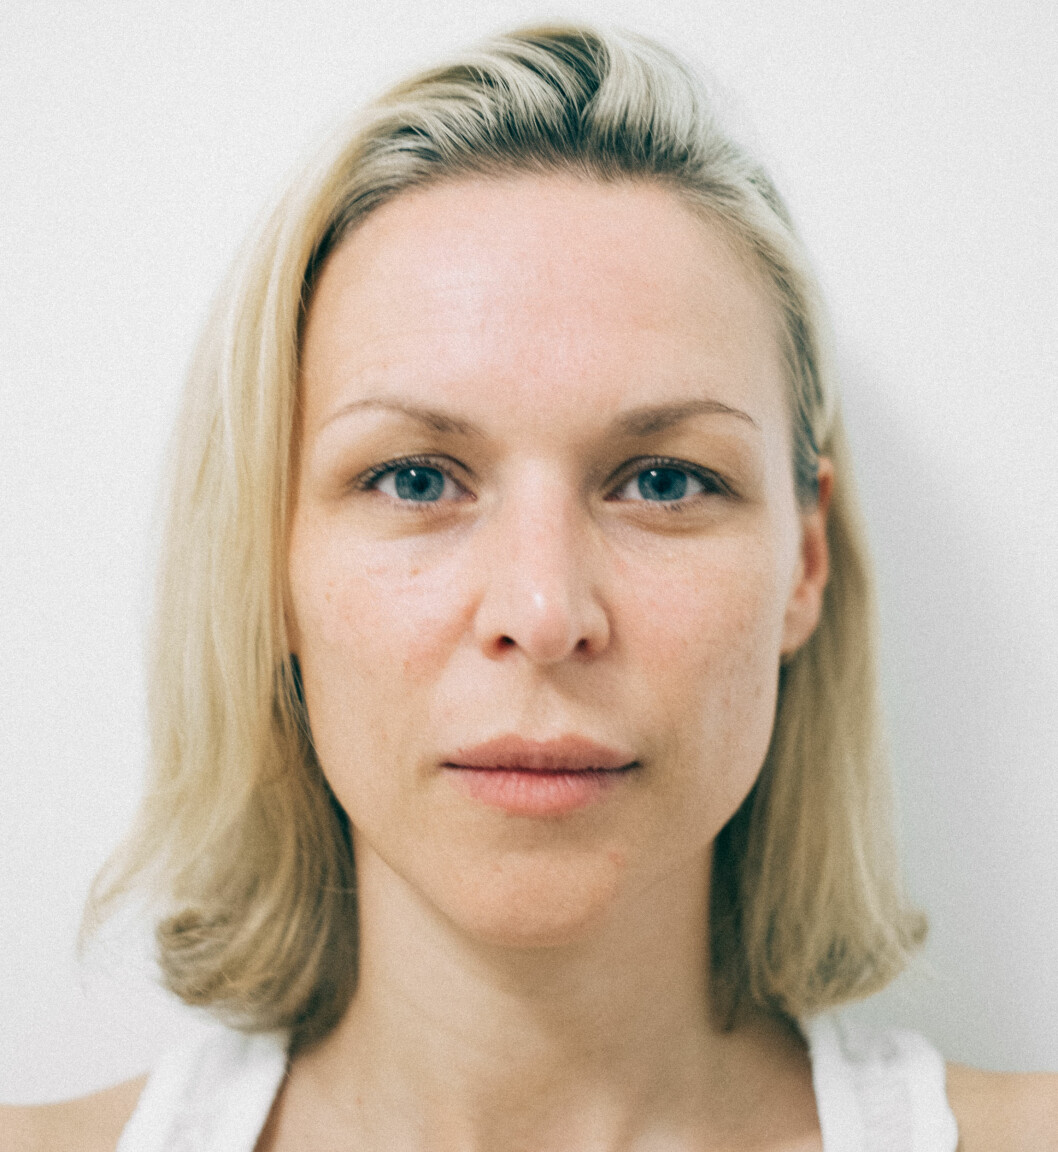 UTEN SMINKE: Moteprofil Vanessa Rudjord viser seg helt uten sminke på bloggen - og deler deretter oppskriften for hvordan du kan få en naturlig og nesten sminkefri look.  Foto: Vanessarudjord.no